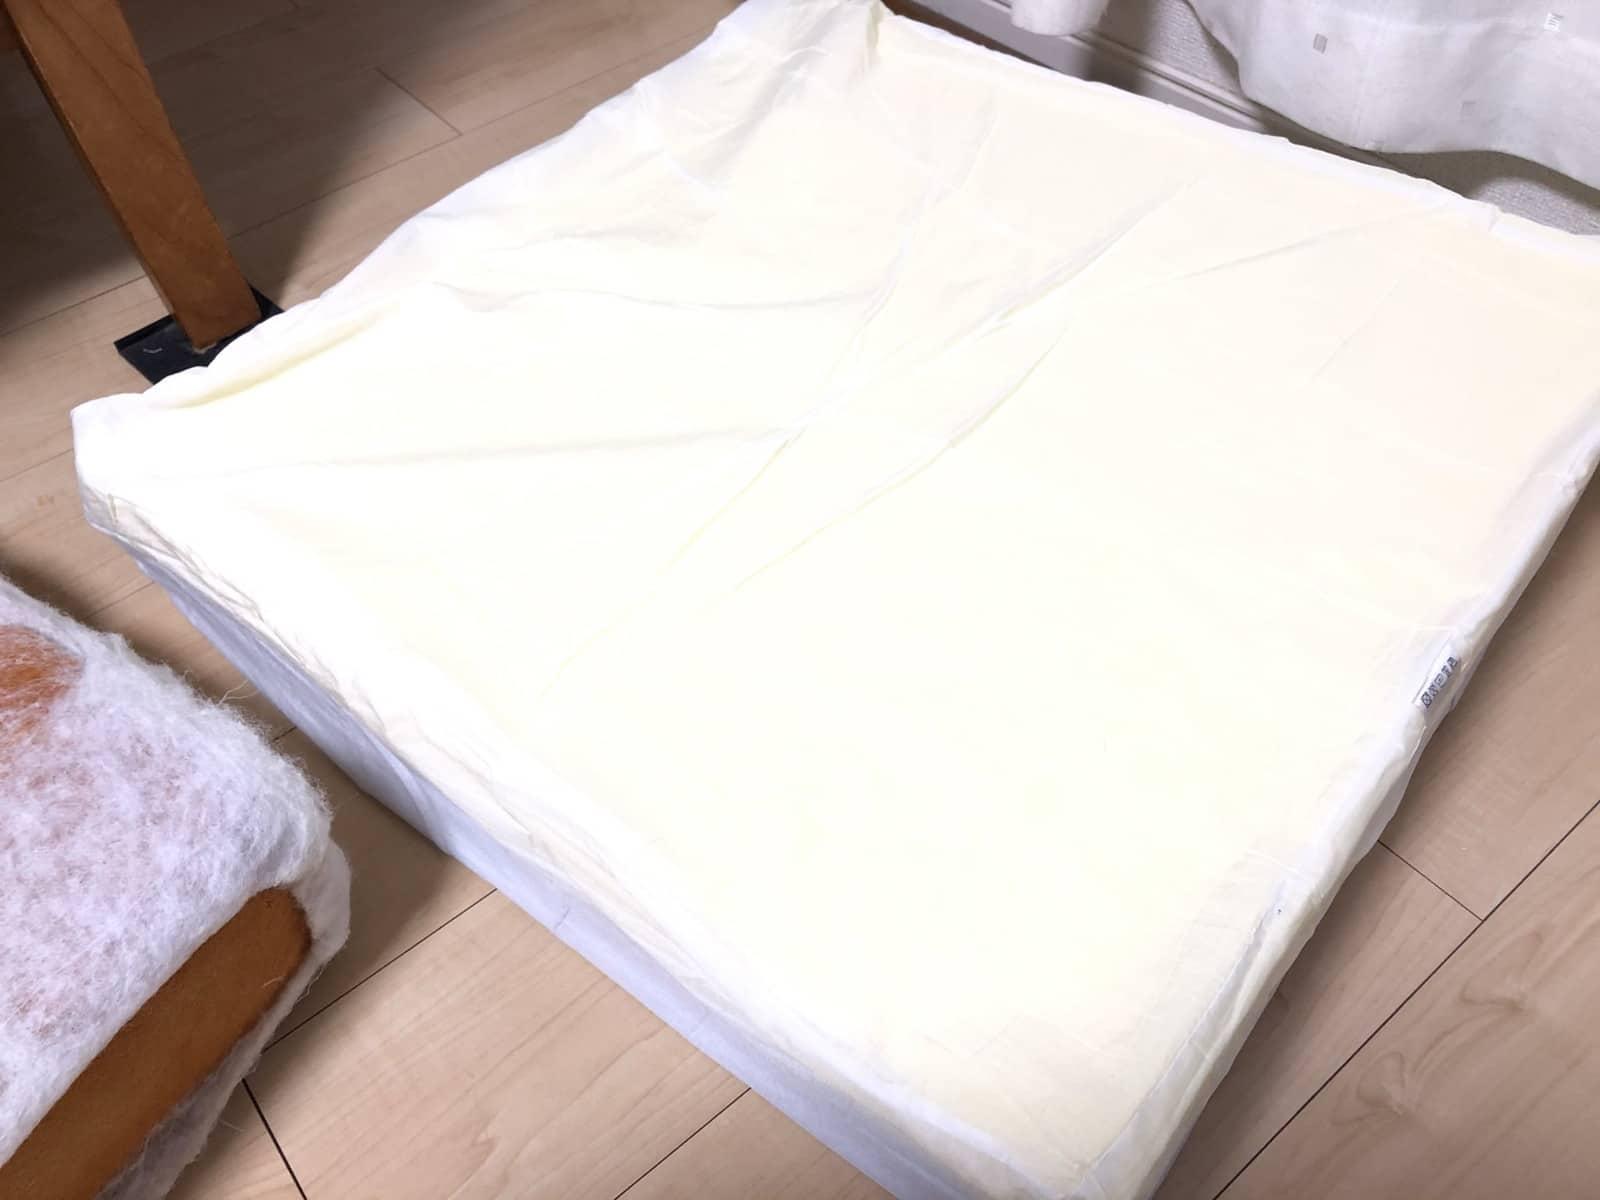 薄い布を手縫いで封をする